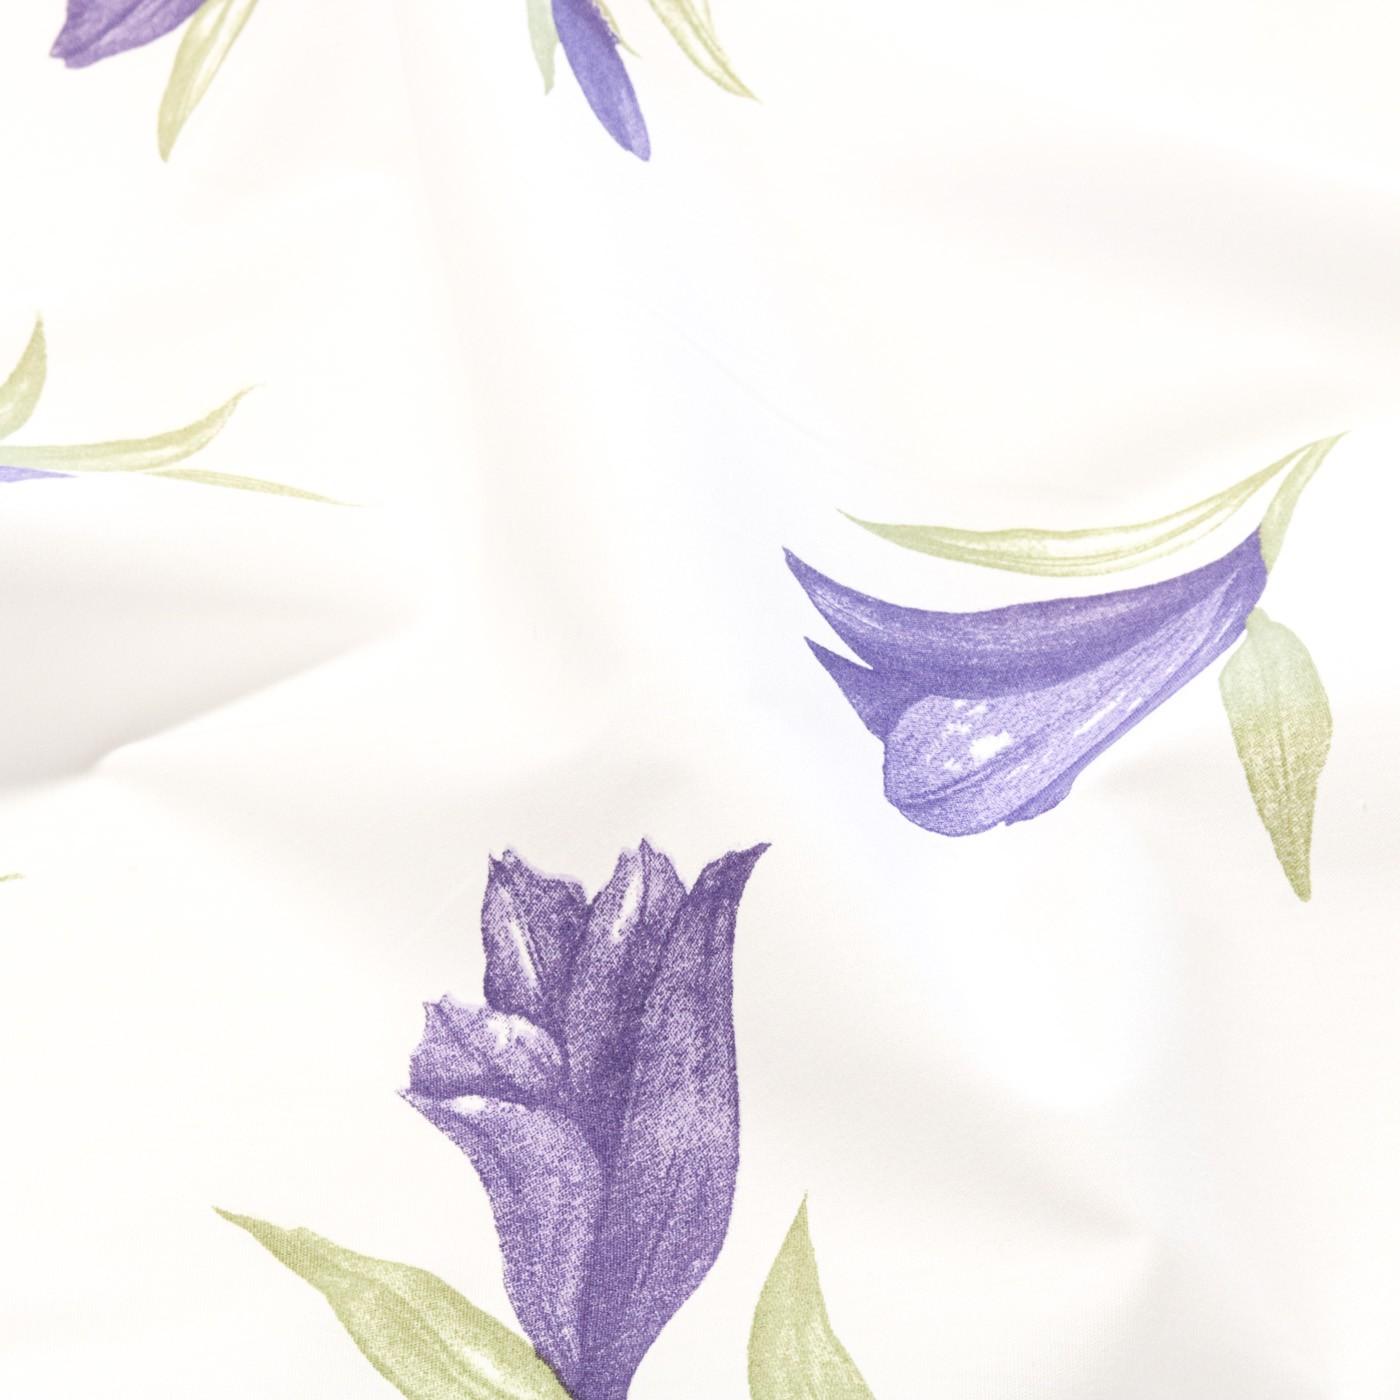 Tecido Percal Estampado 180 Fios 2,50 m Largura Flores Lilas